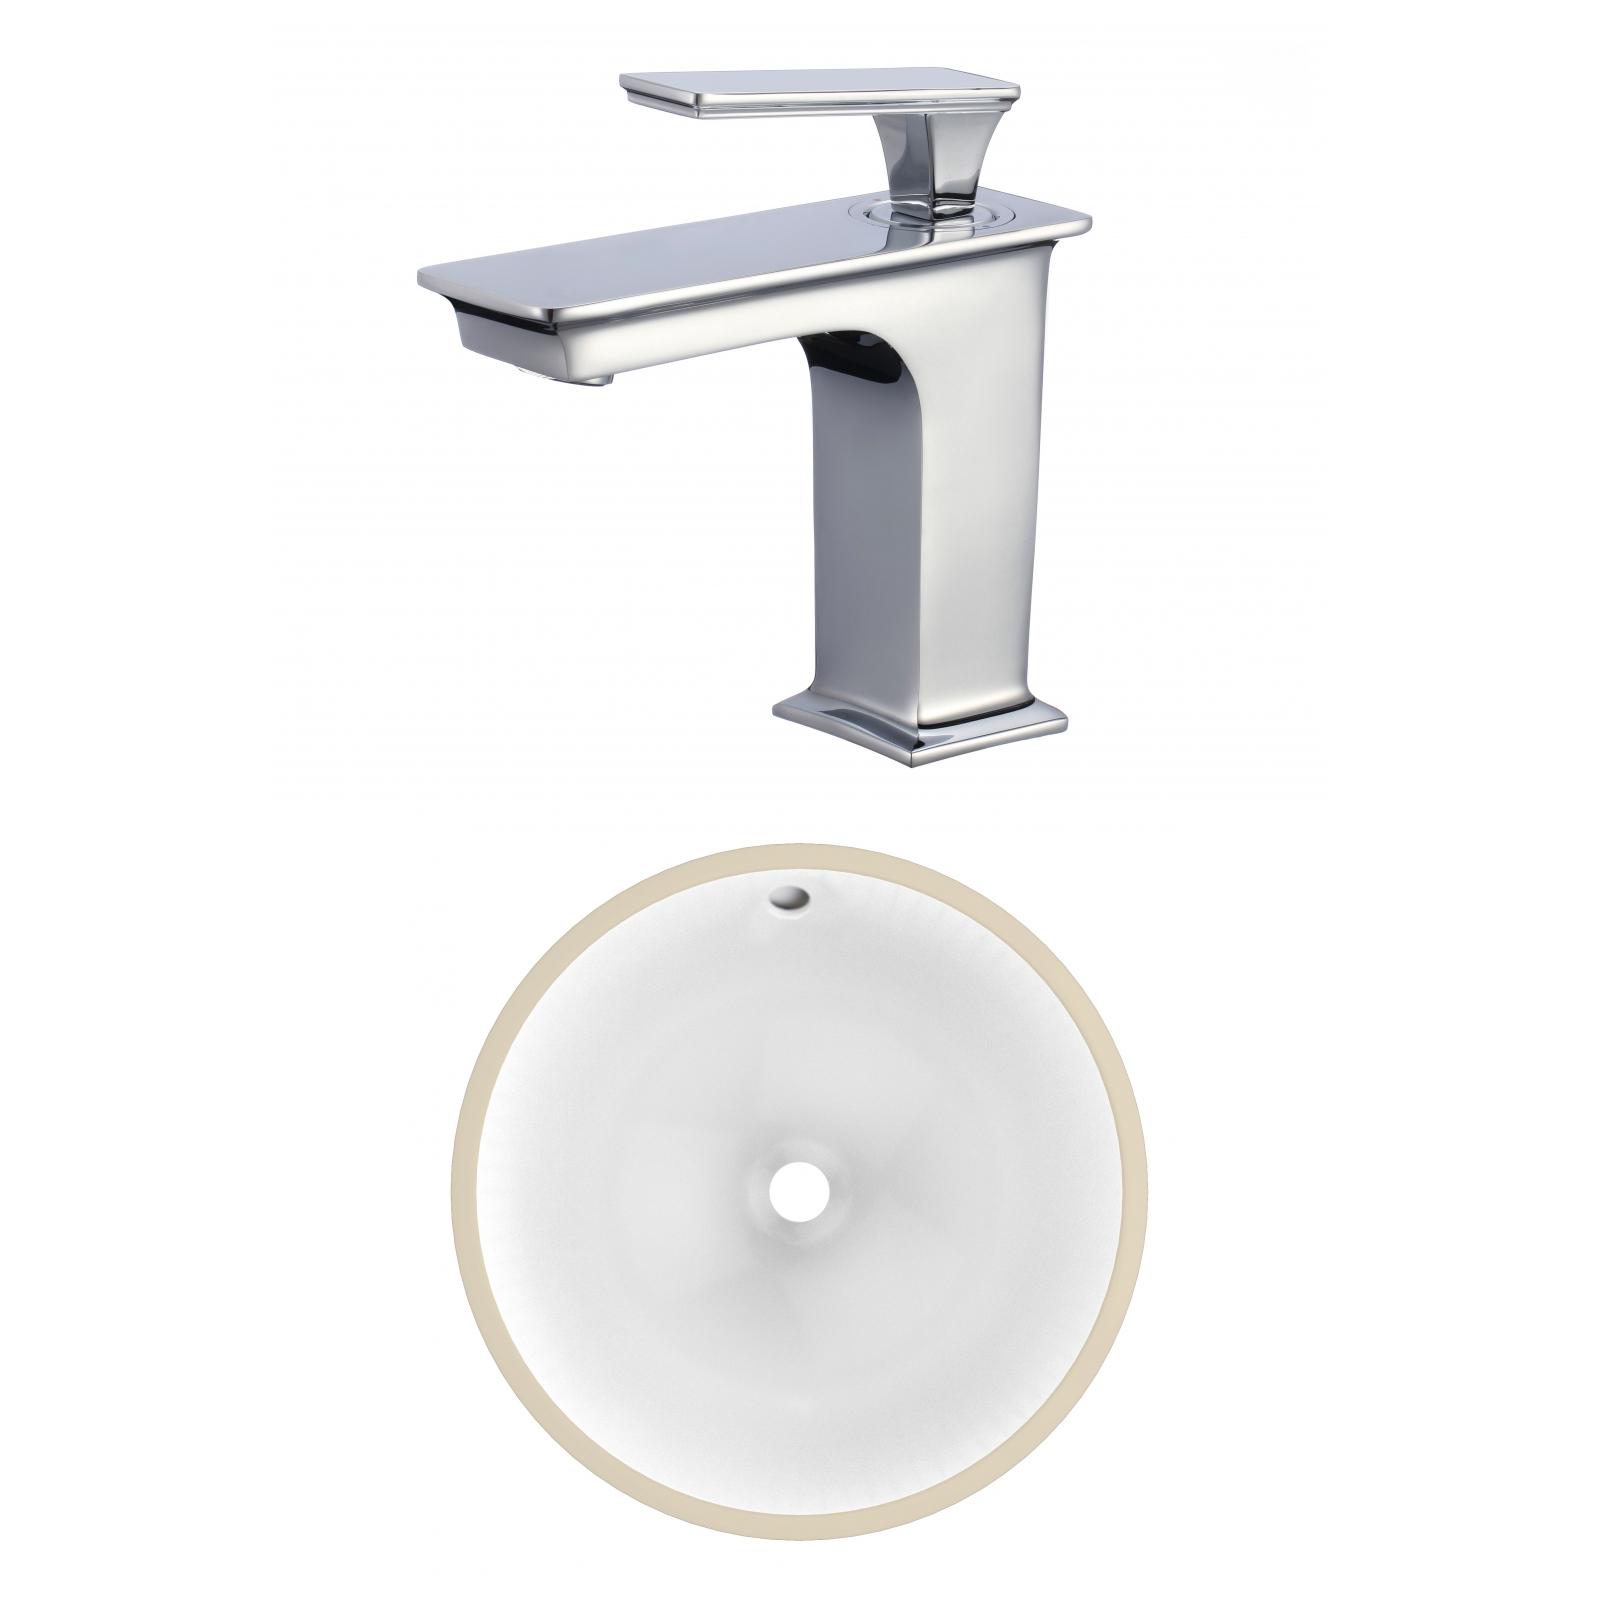 Vanities Faucets Bathroom Accessories Vessels Sinks Wood